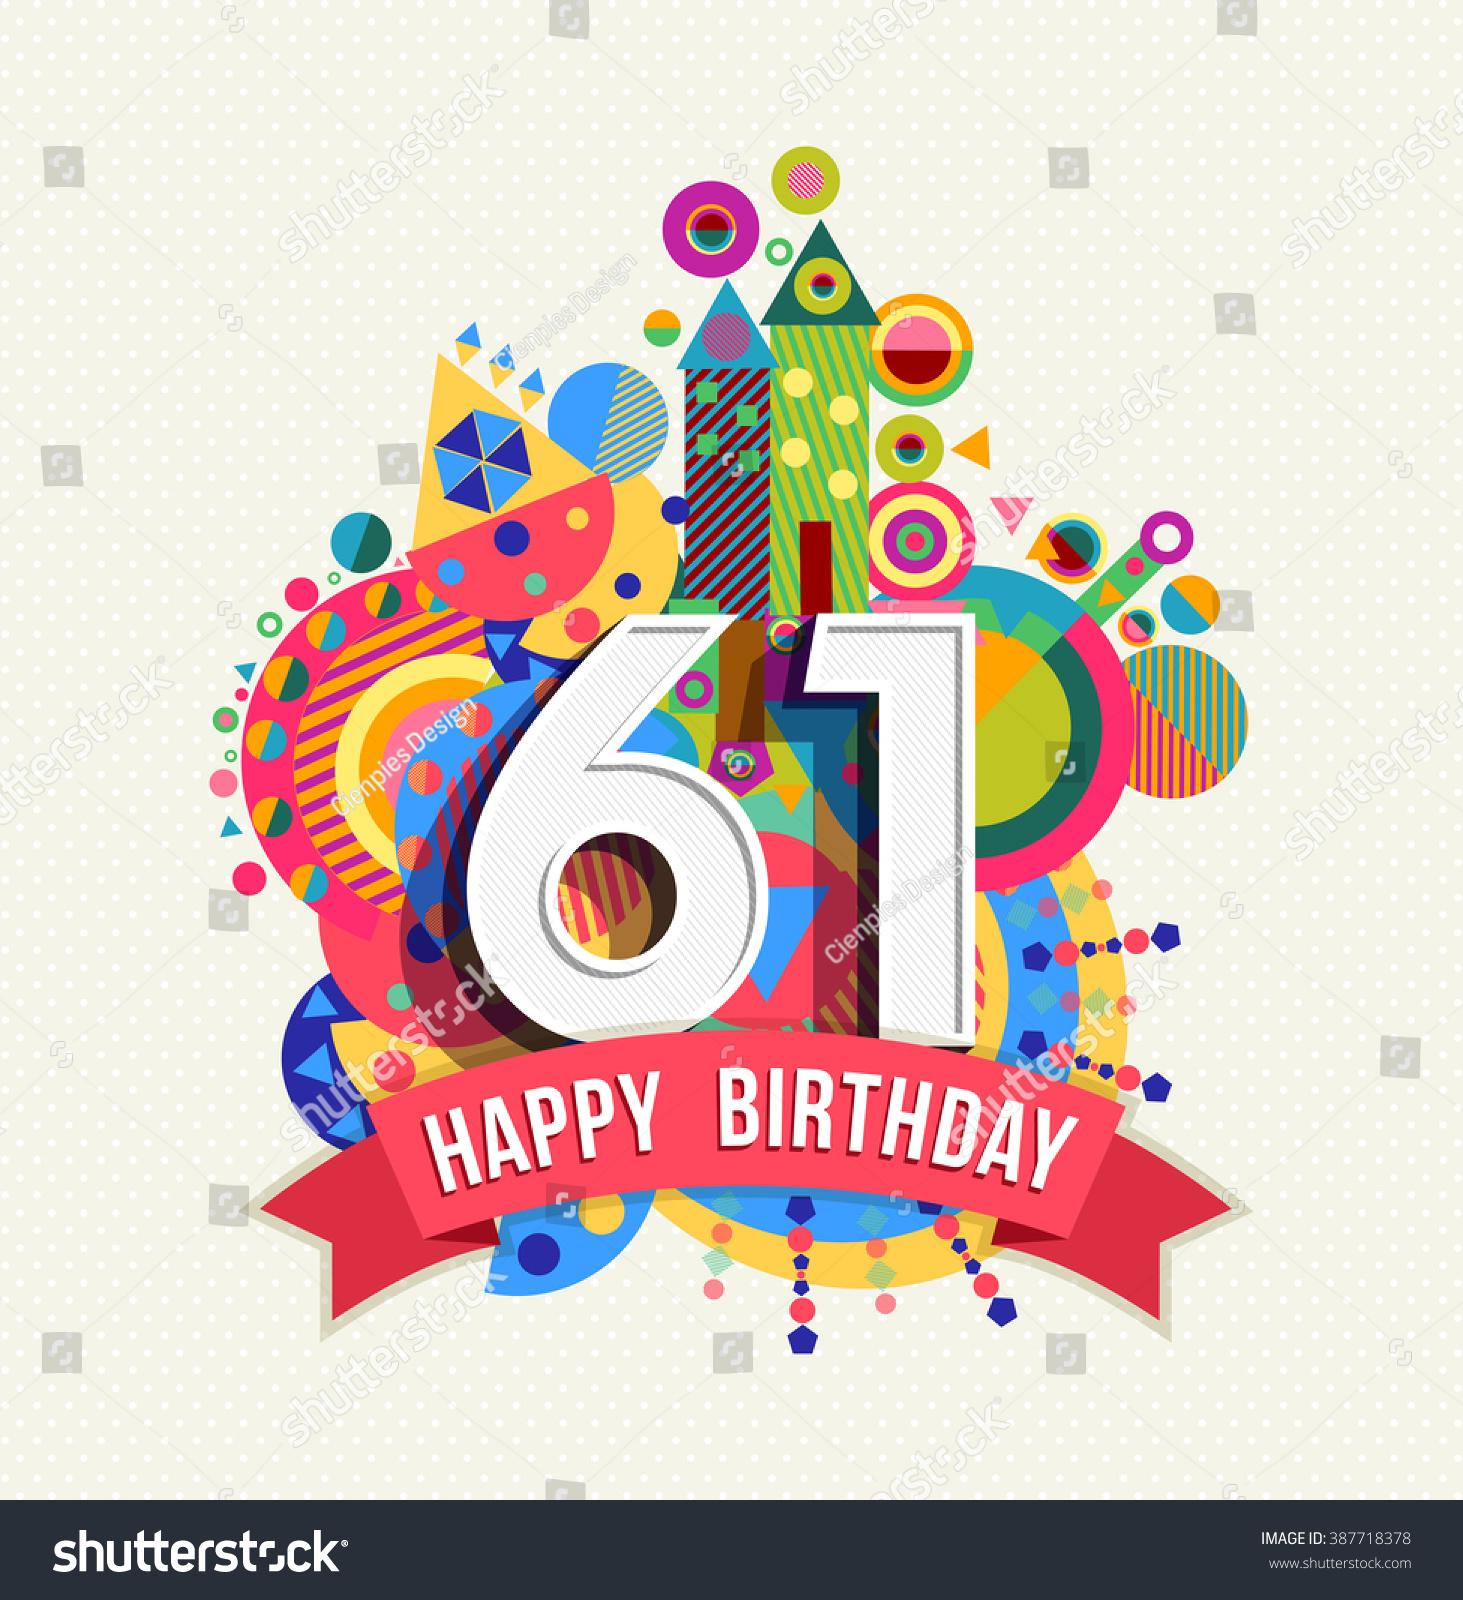 Поздравить с днем рождения девочку 11 лет